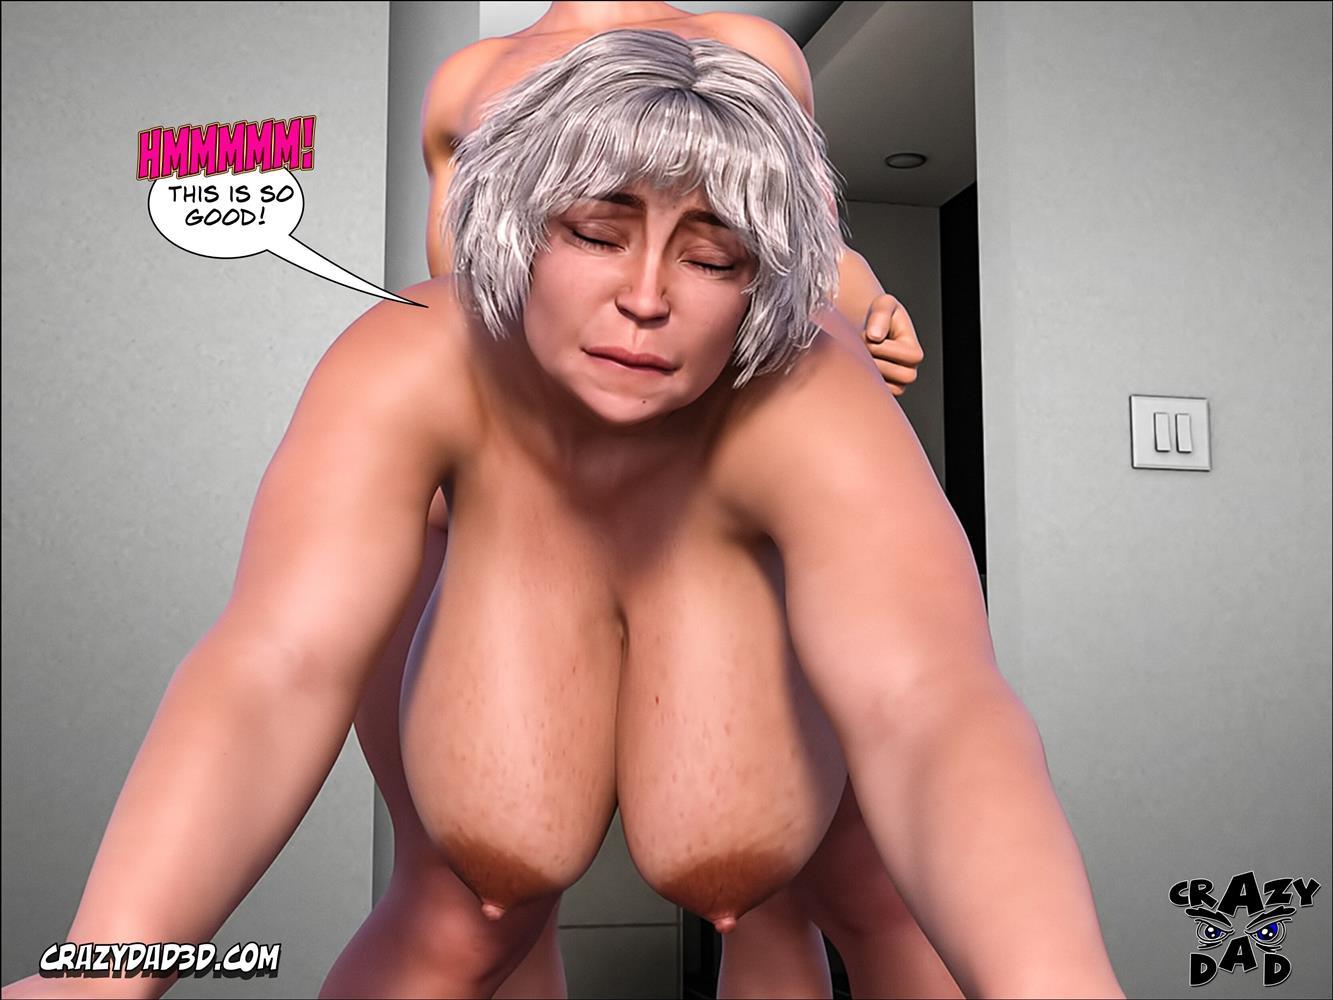 Daddy Crazy Desire 5 [Crazy Dad 3D] - Foto 73